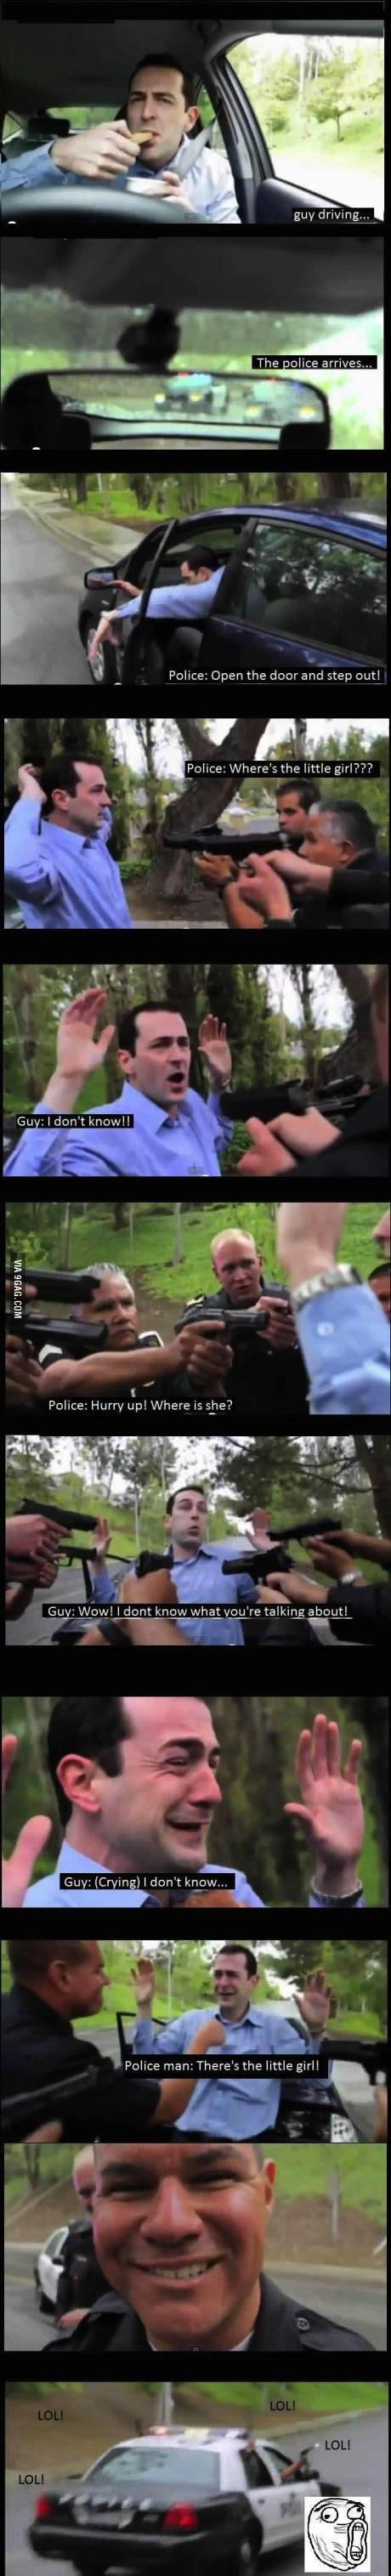 cops, police, troll, prank, little girl